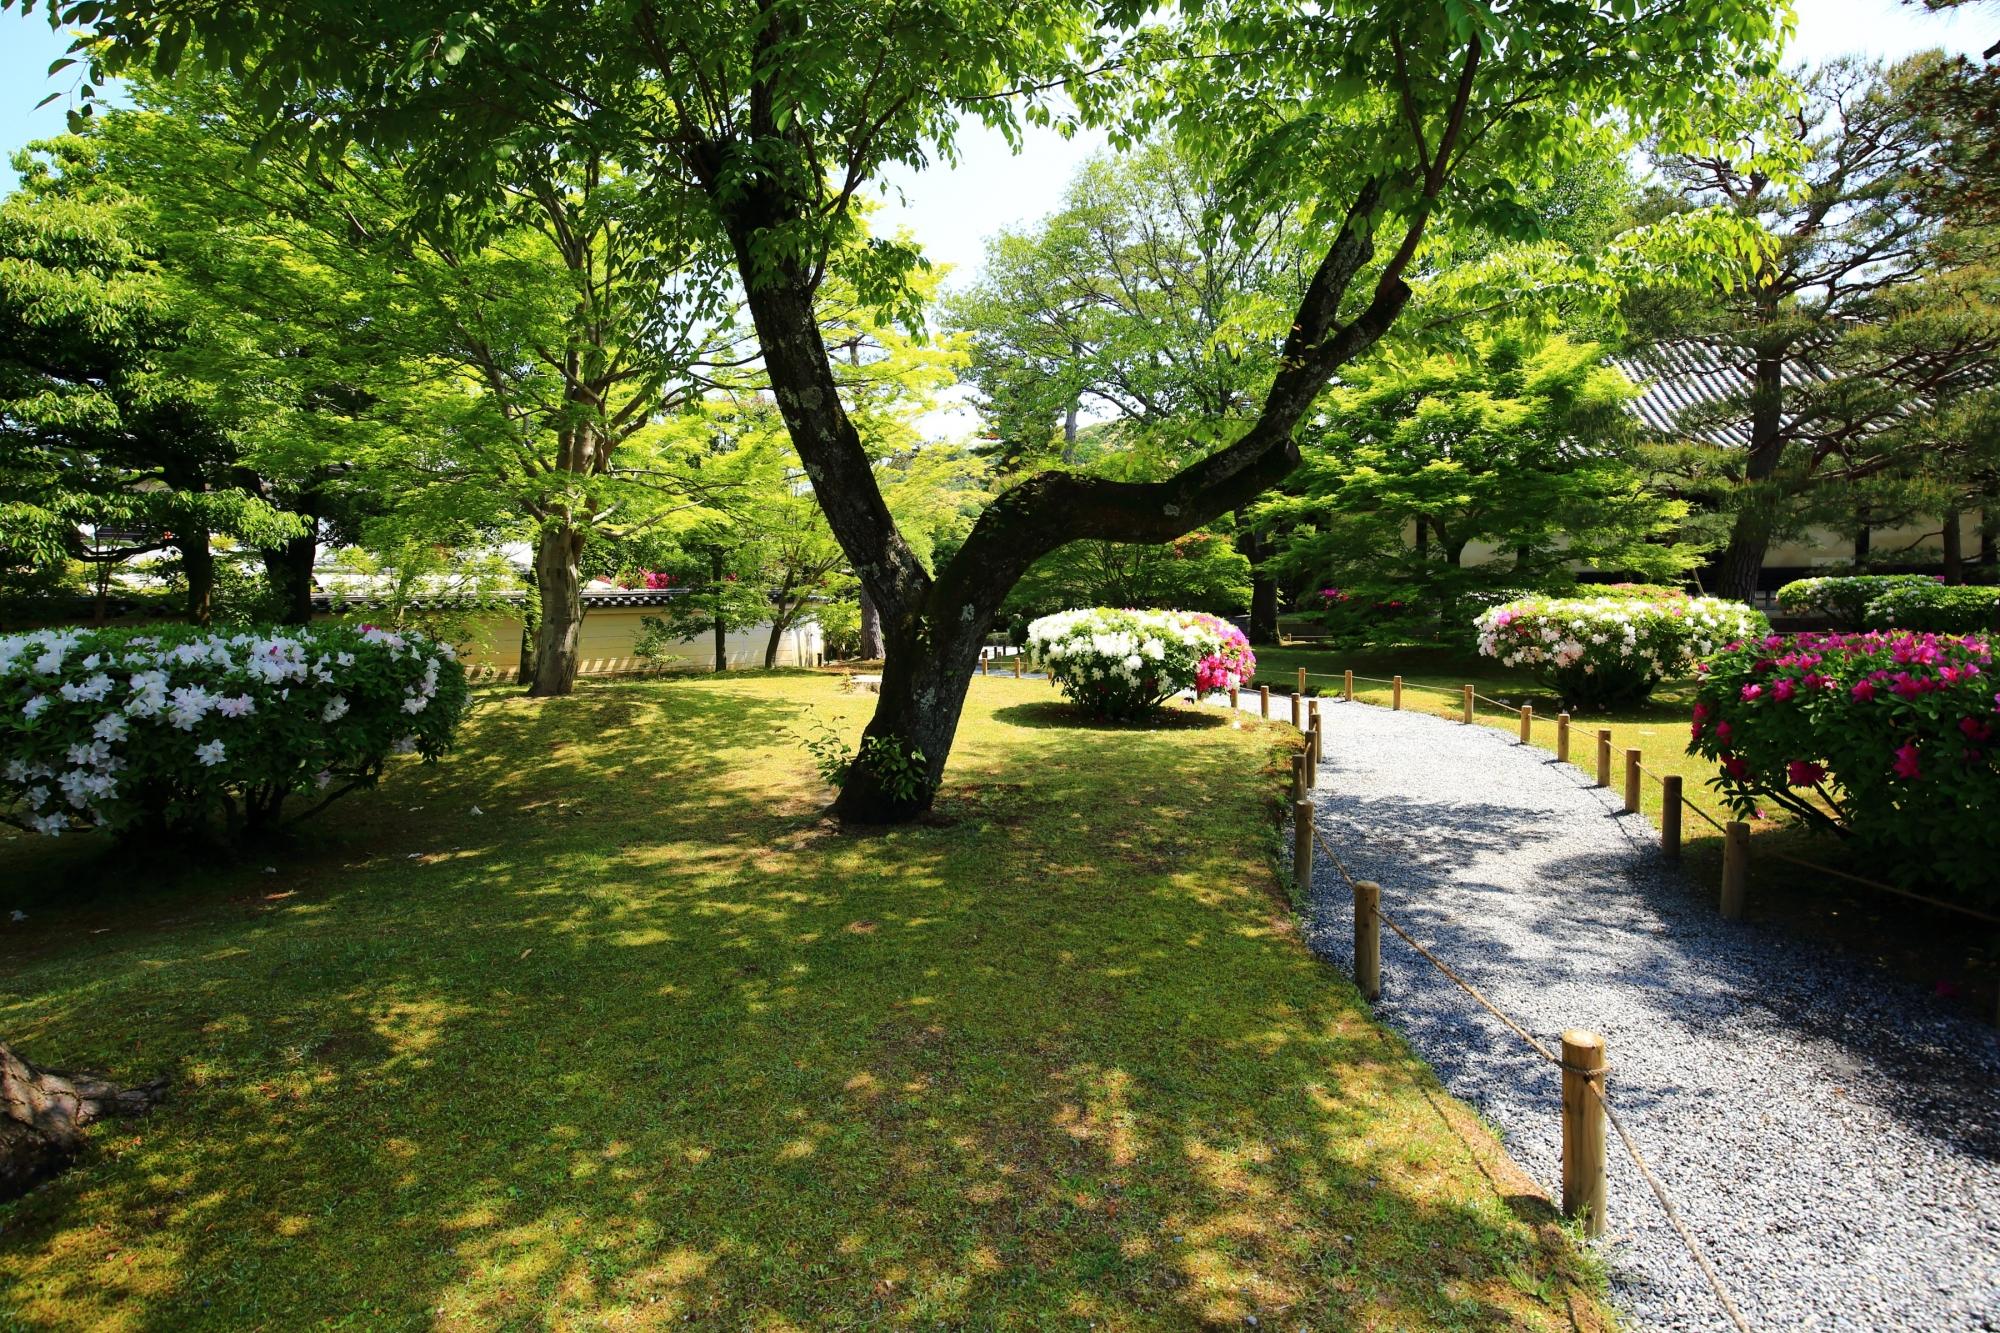 ツツジも咲き出している平等院の庭園